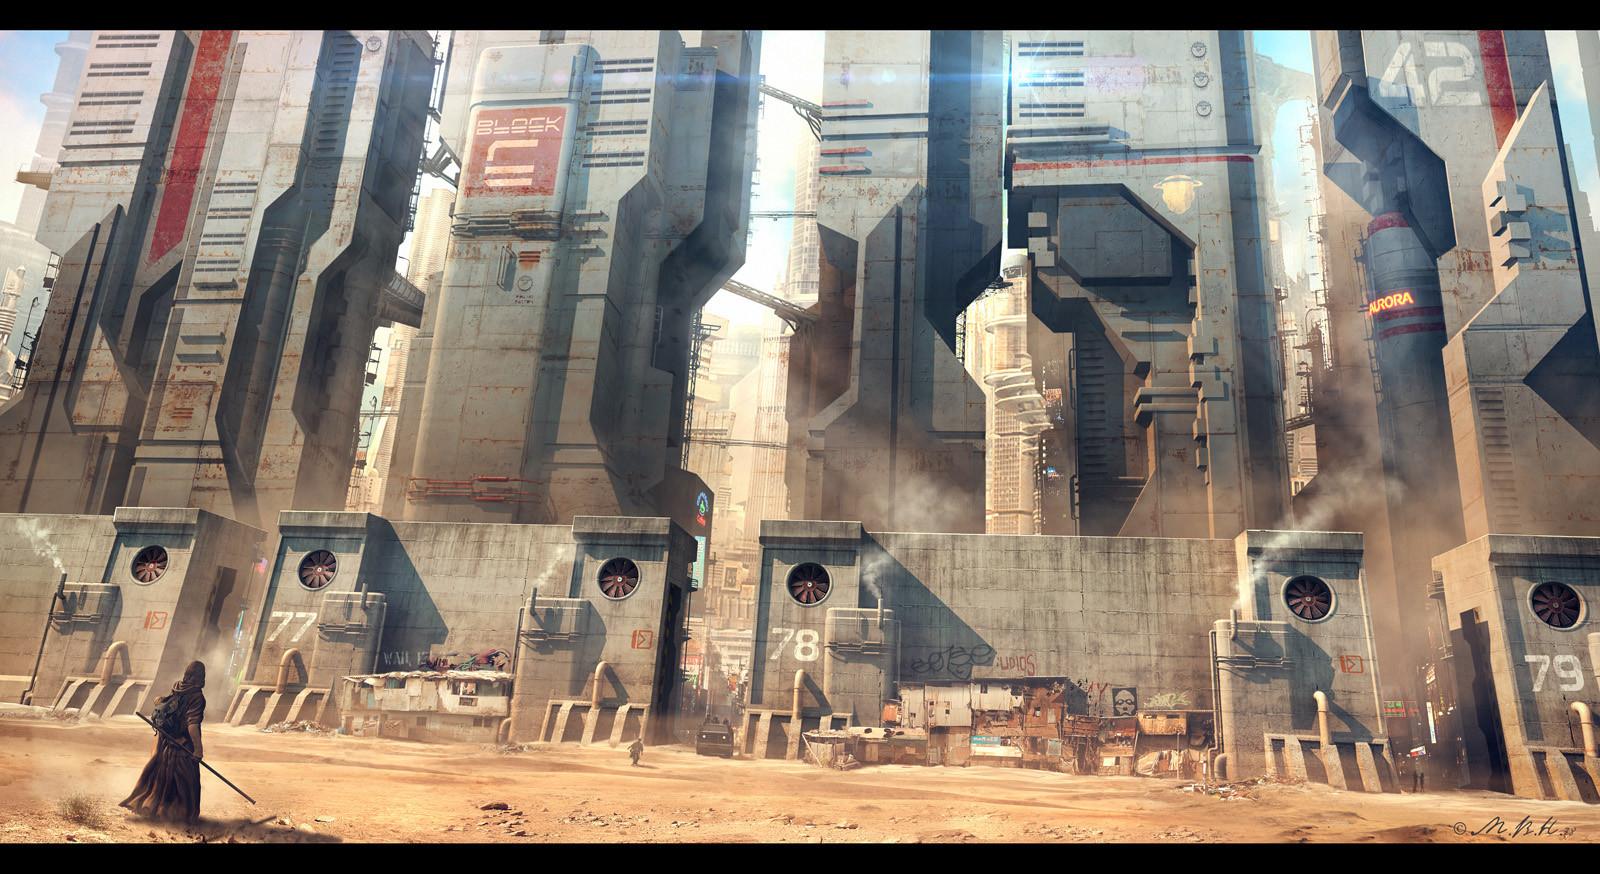 rusty city